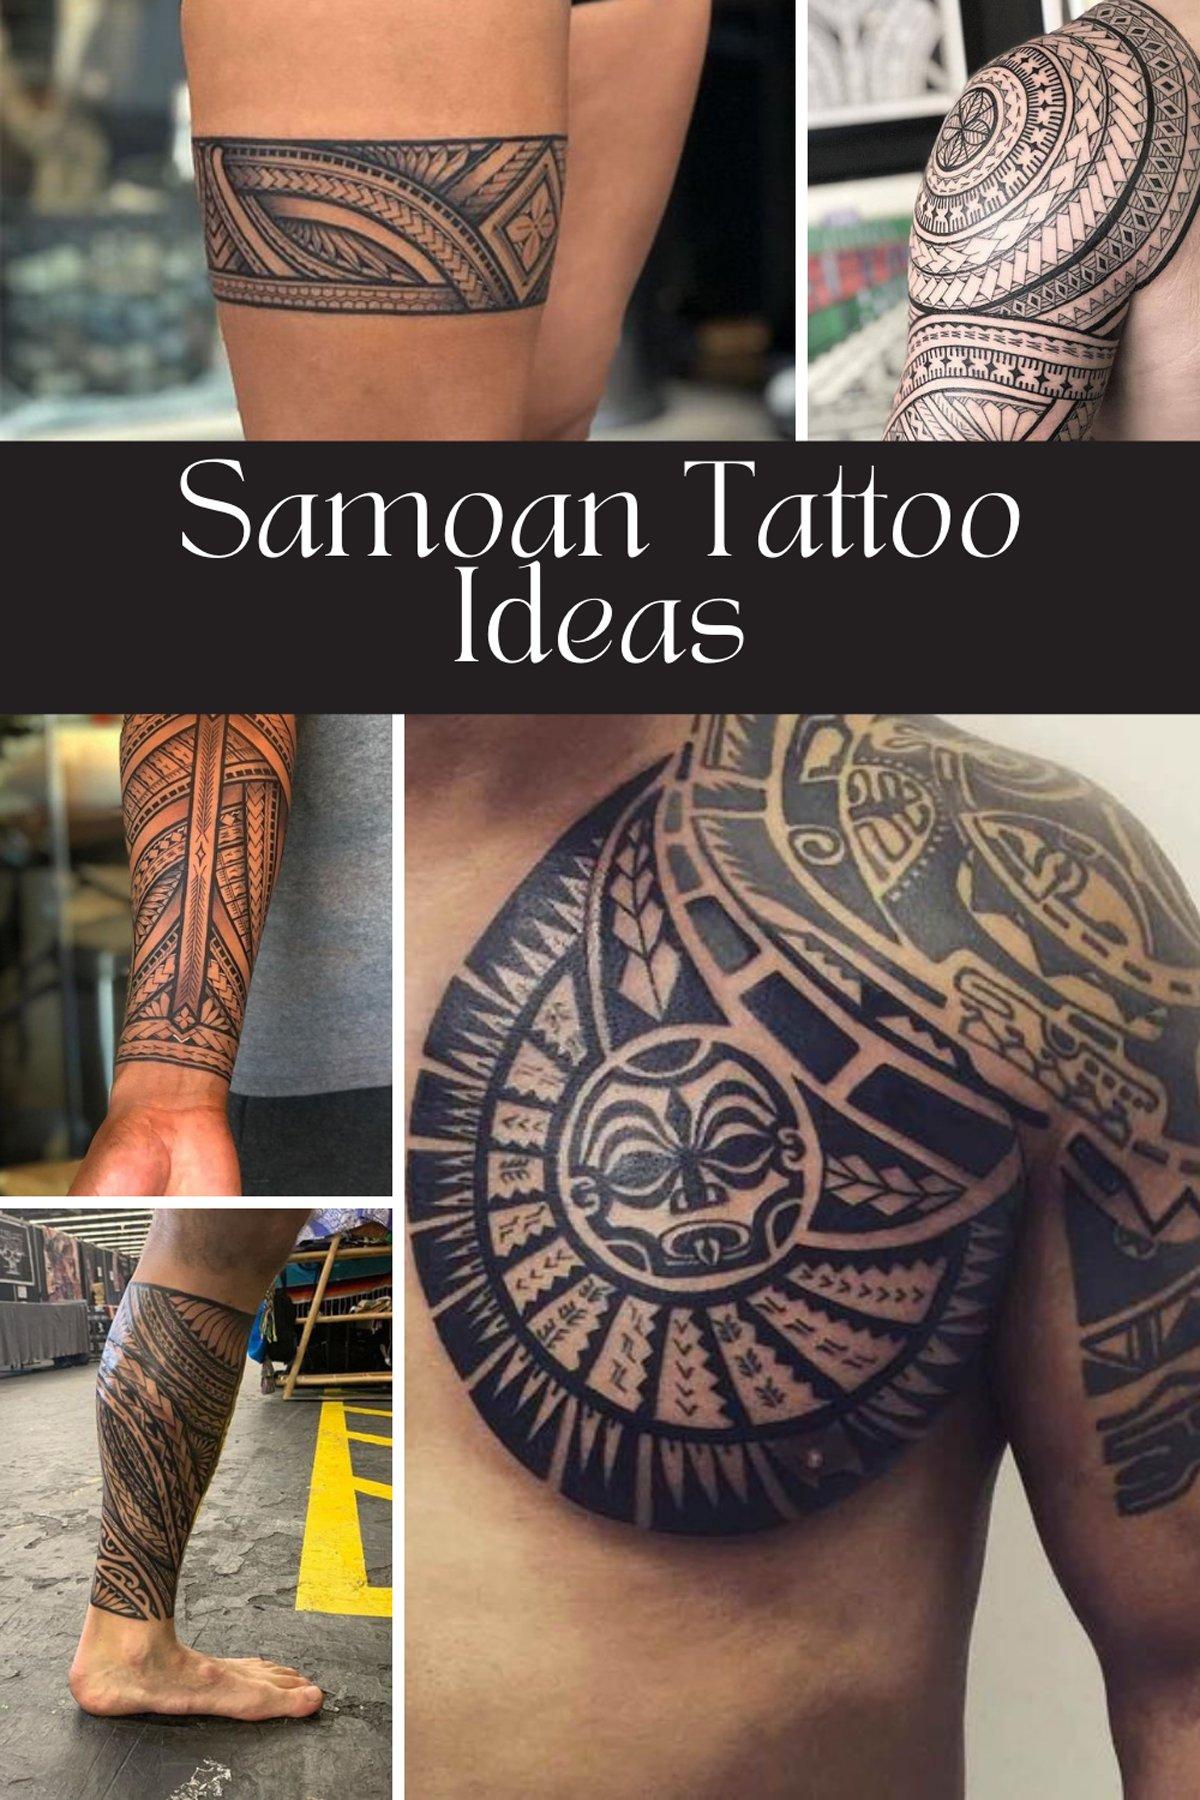 Samoan Tattoo Ideas